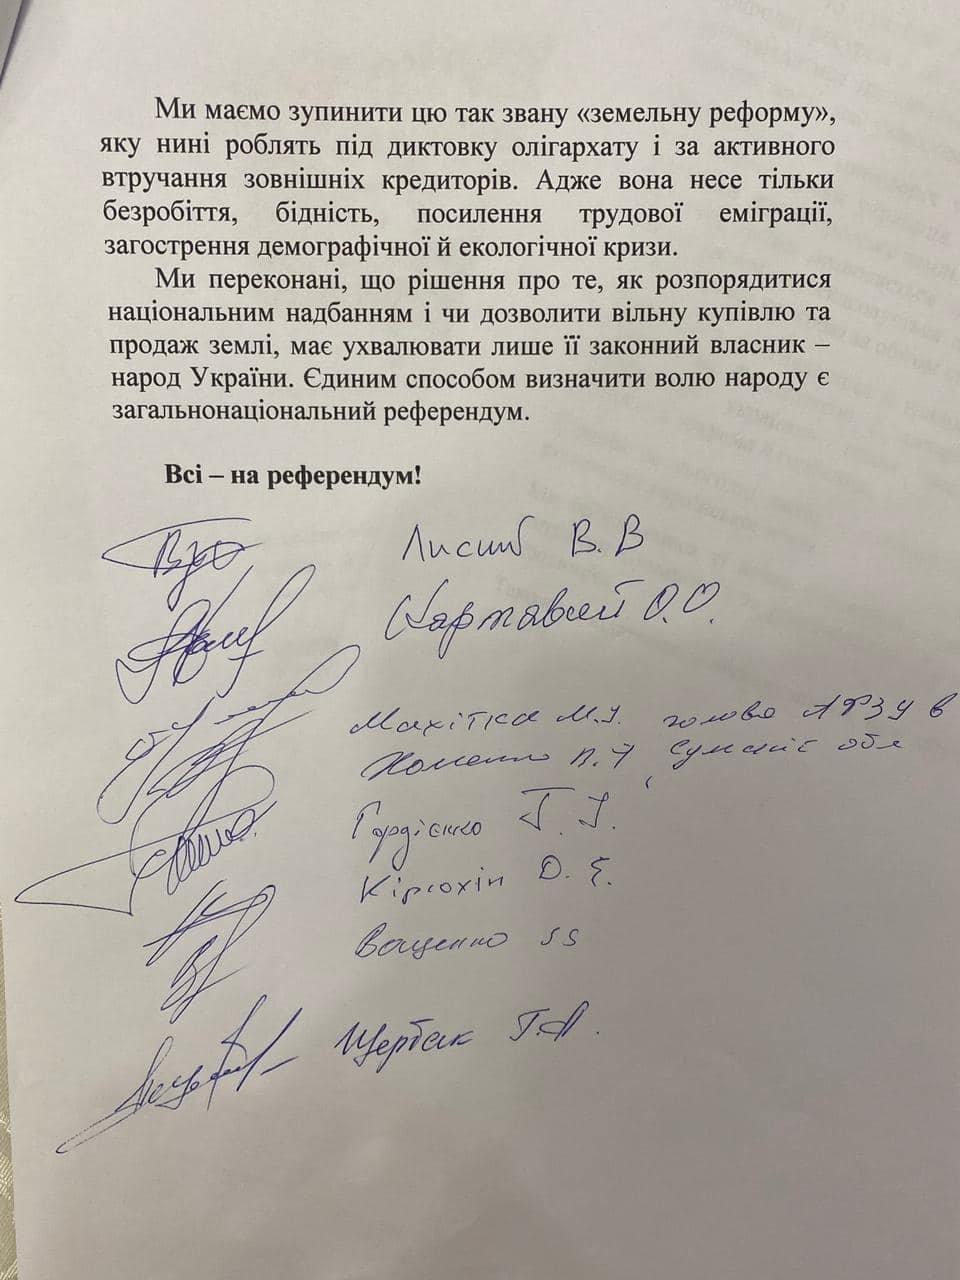 «Ні продажу української землі»: аграрії, фермери, землевласники Сумщини та депутати підписали резолюцію , фото-11